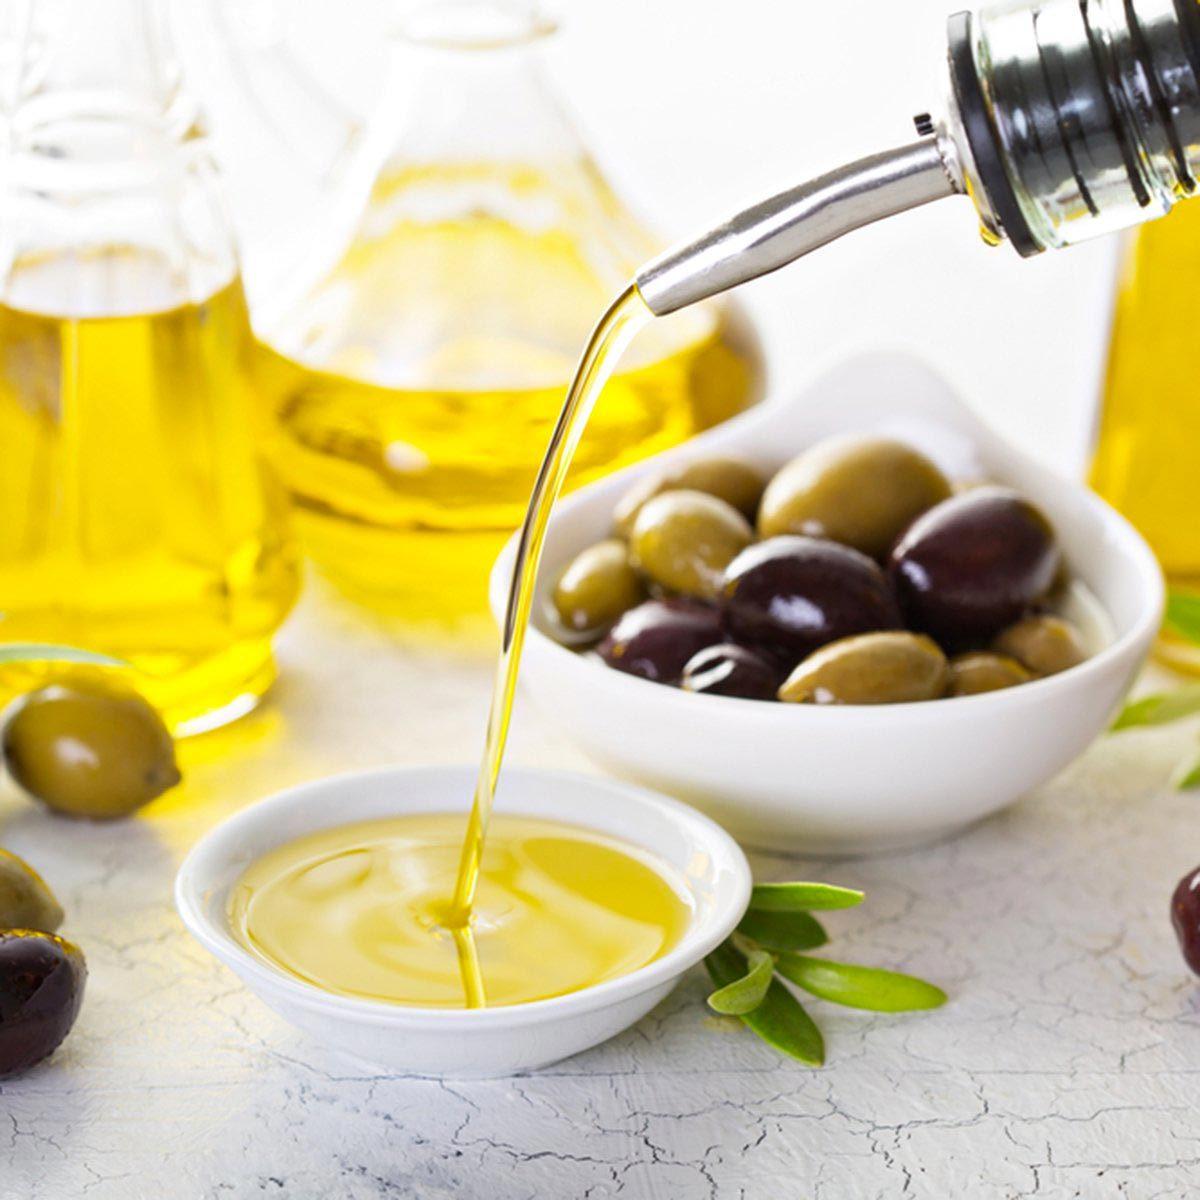 Les meilleurs aliments pour avoir une belle peau : l'huile d'olive.